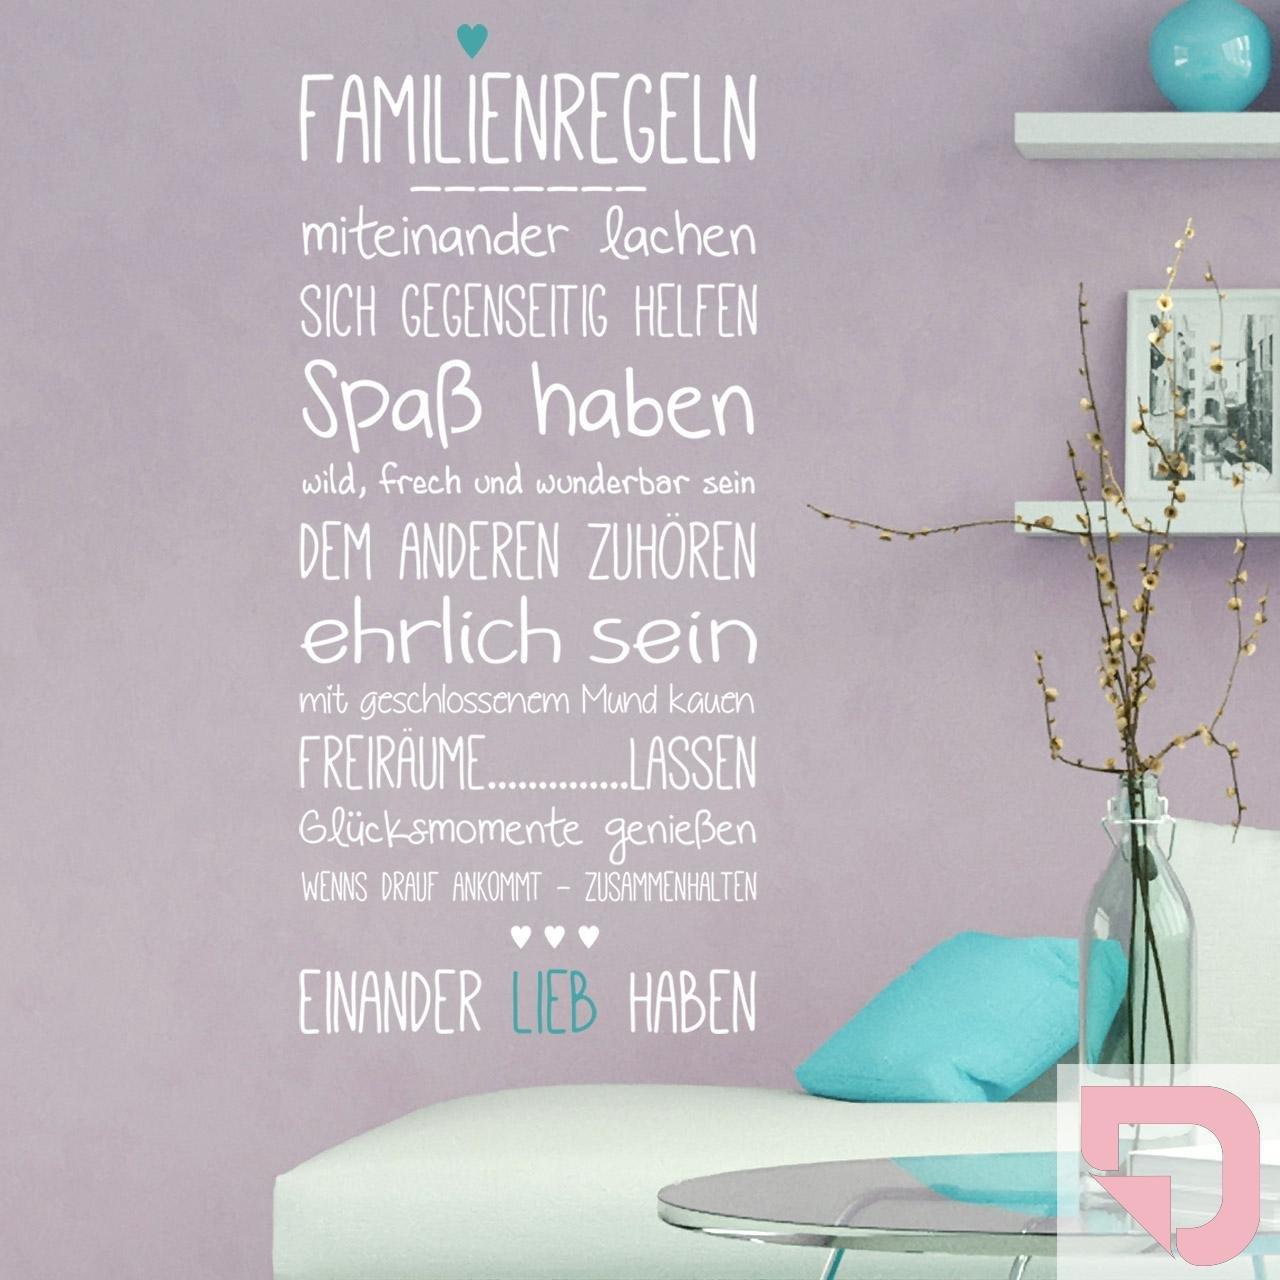 DESIGNSCAPE® Wandtattoo Familienregeln Familienregeln Familienregeln mit Herz 64 x 140 cm (B x H) Farbe 1  weiss DW801511-M-F5 B01H59BN3G Wandtattoos & Wandbilder 661025